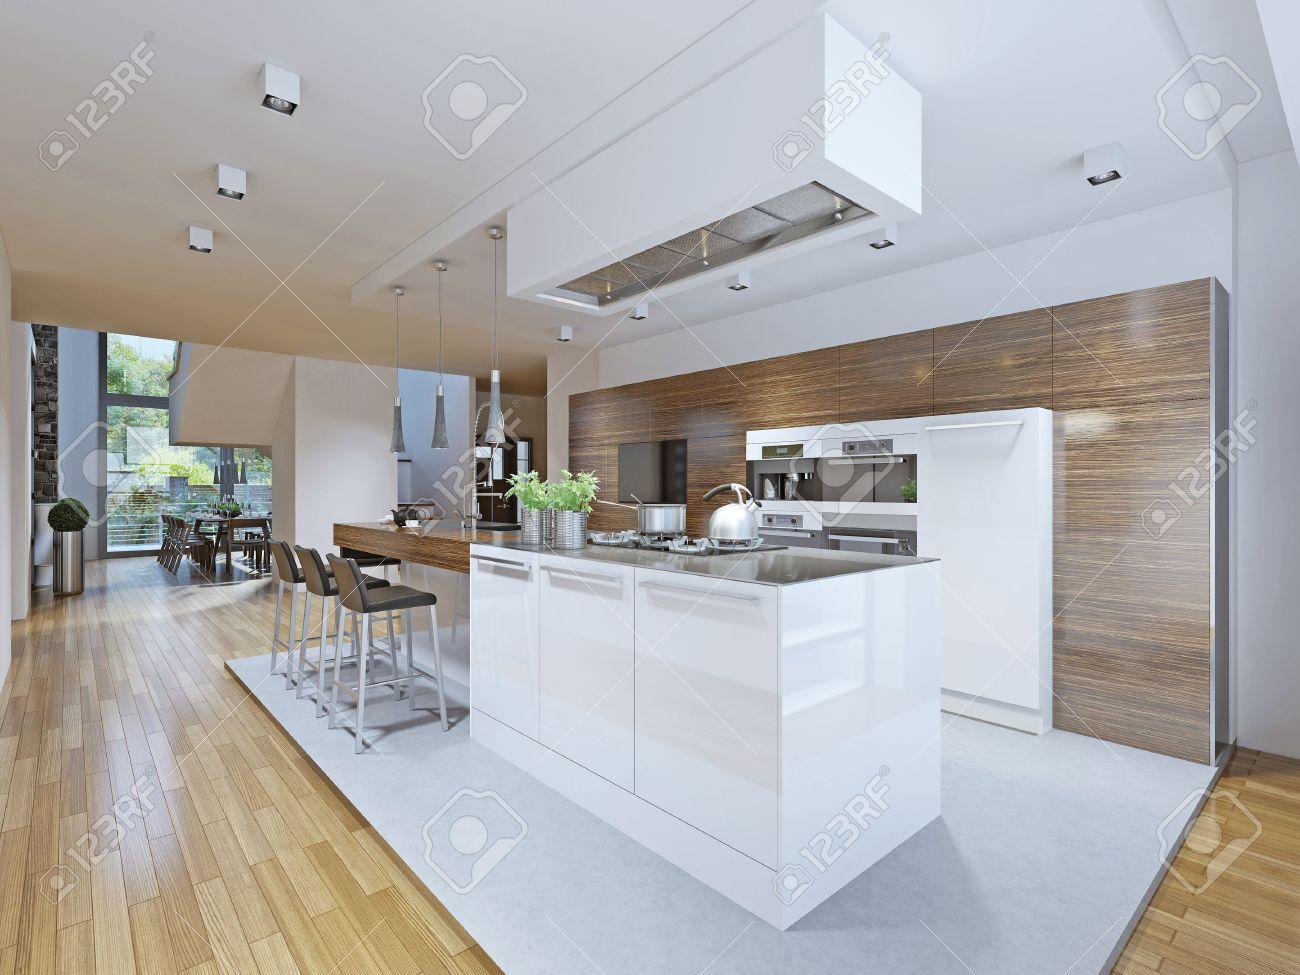 Moderne keuken royalty vrije foto's, plaatjes, beelden en stock ...